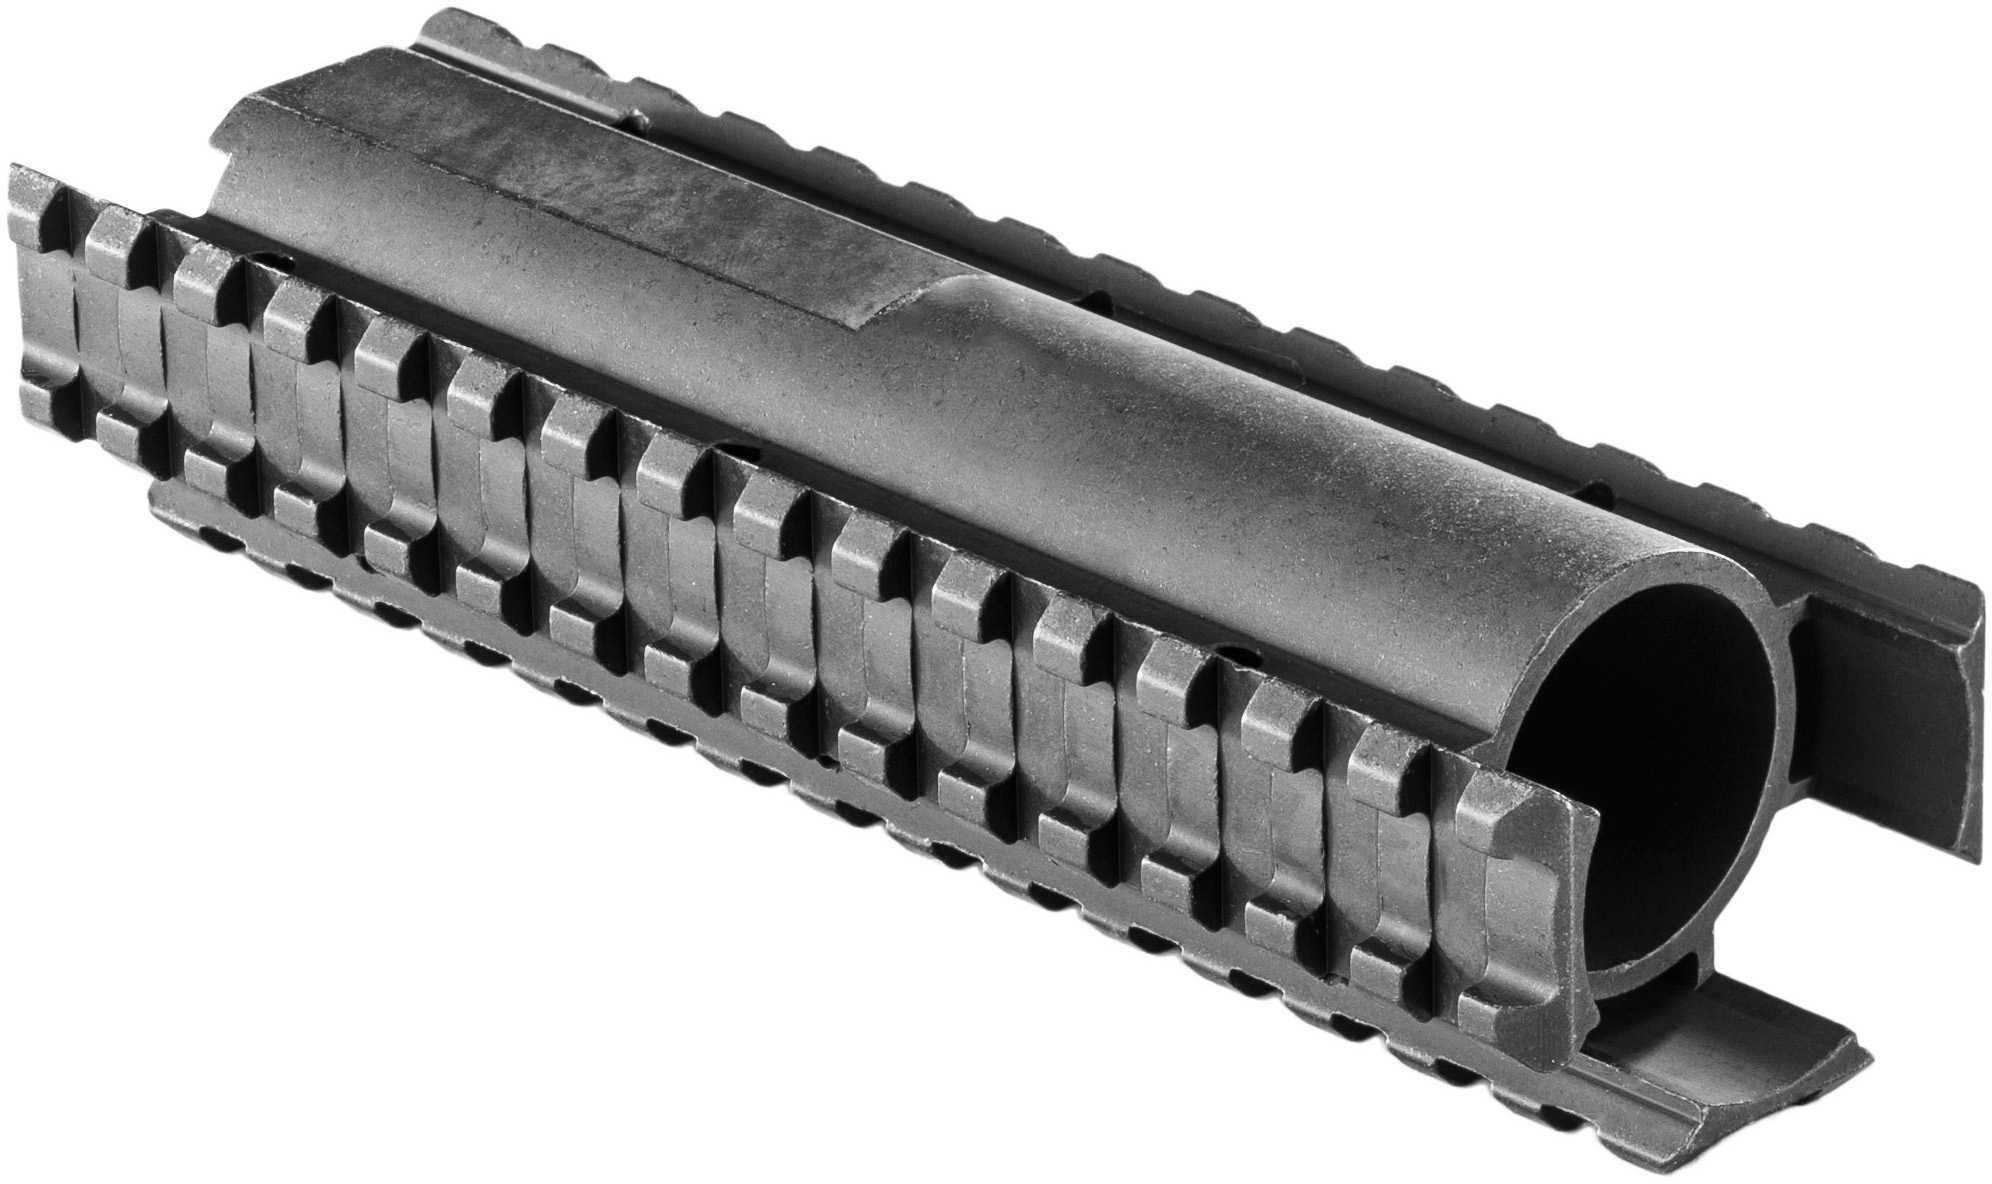 Ergo Grip Accessory Black Forend Rem 870 4870